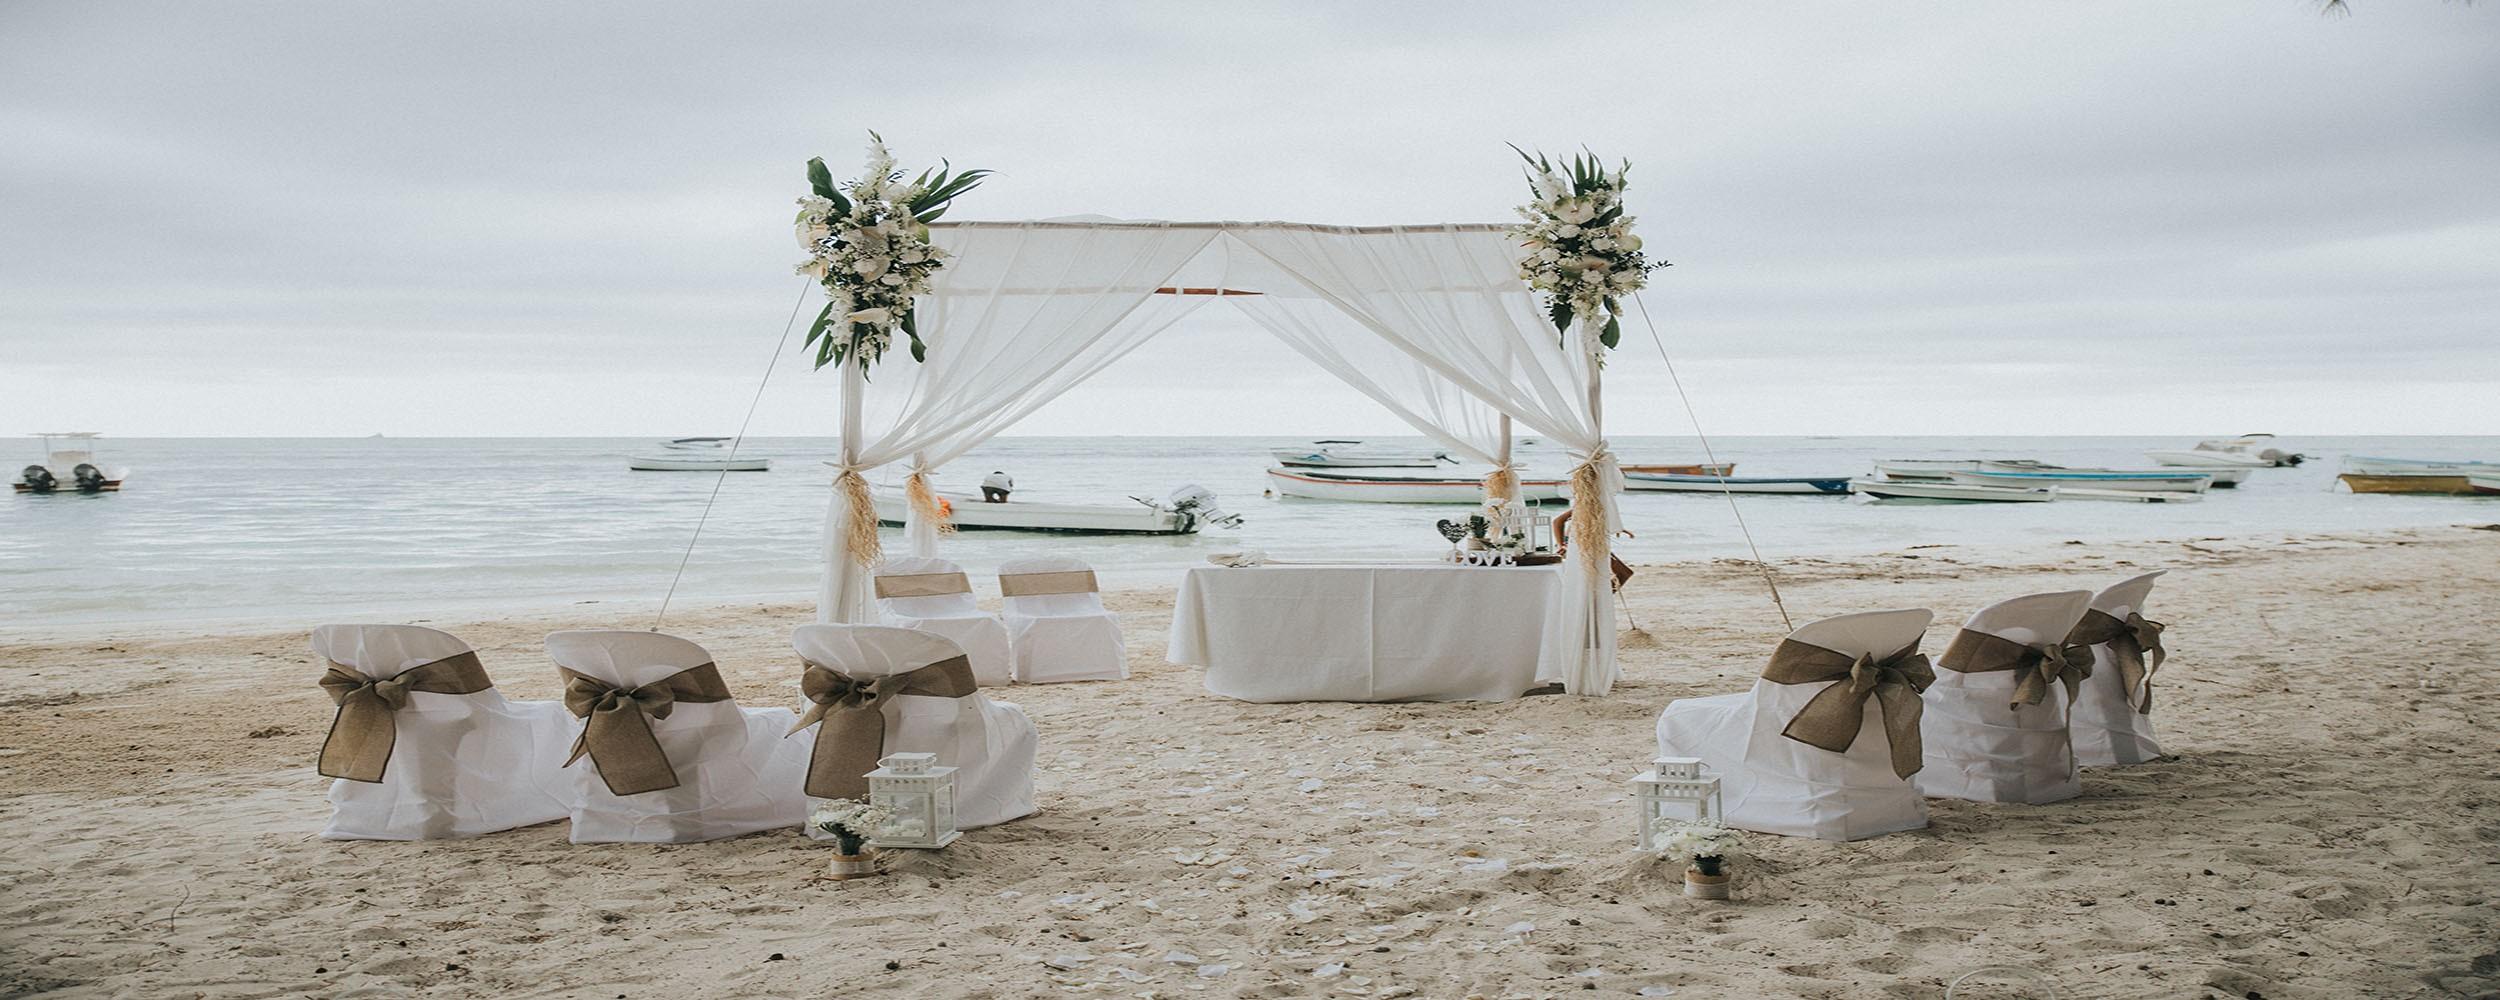 organisation mariage ile maurice sur la plage